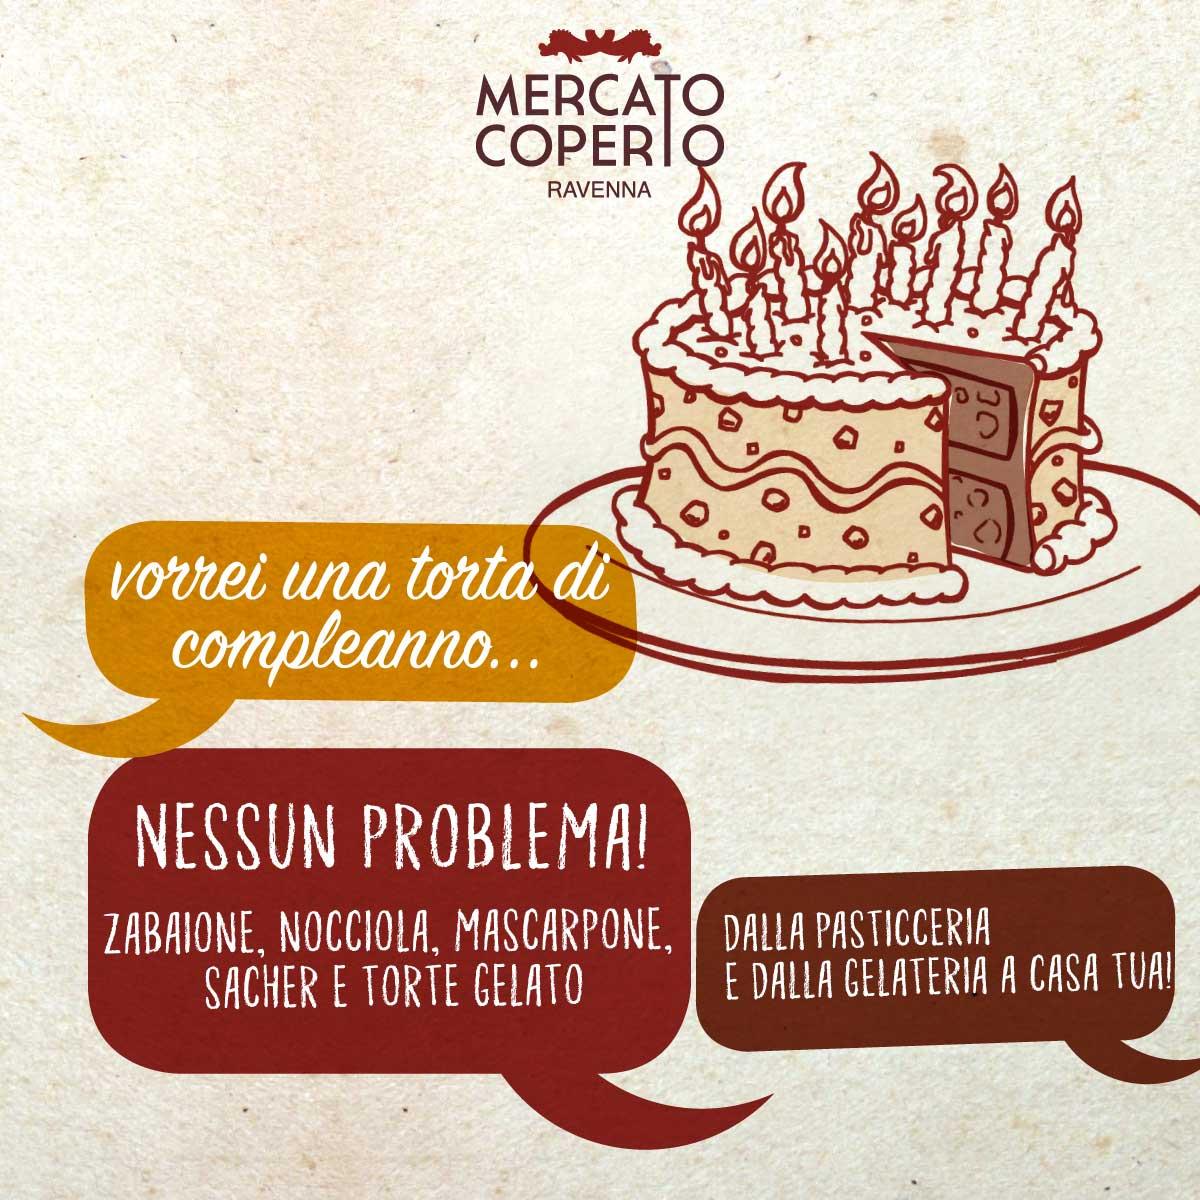 MC-Carosello3-Torte